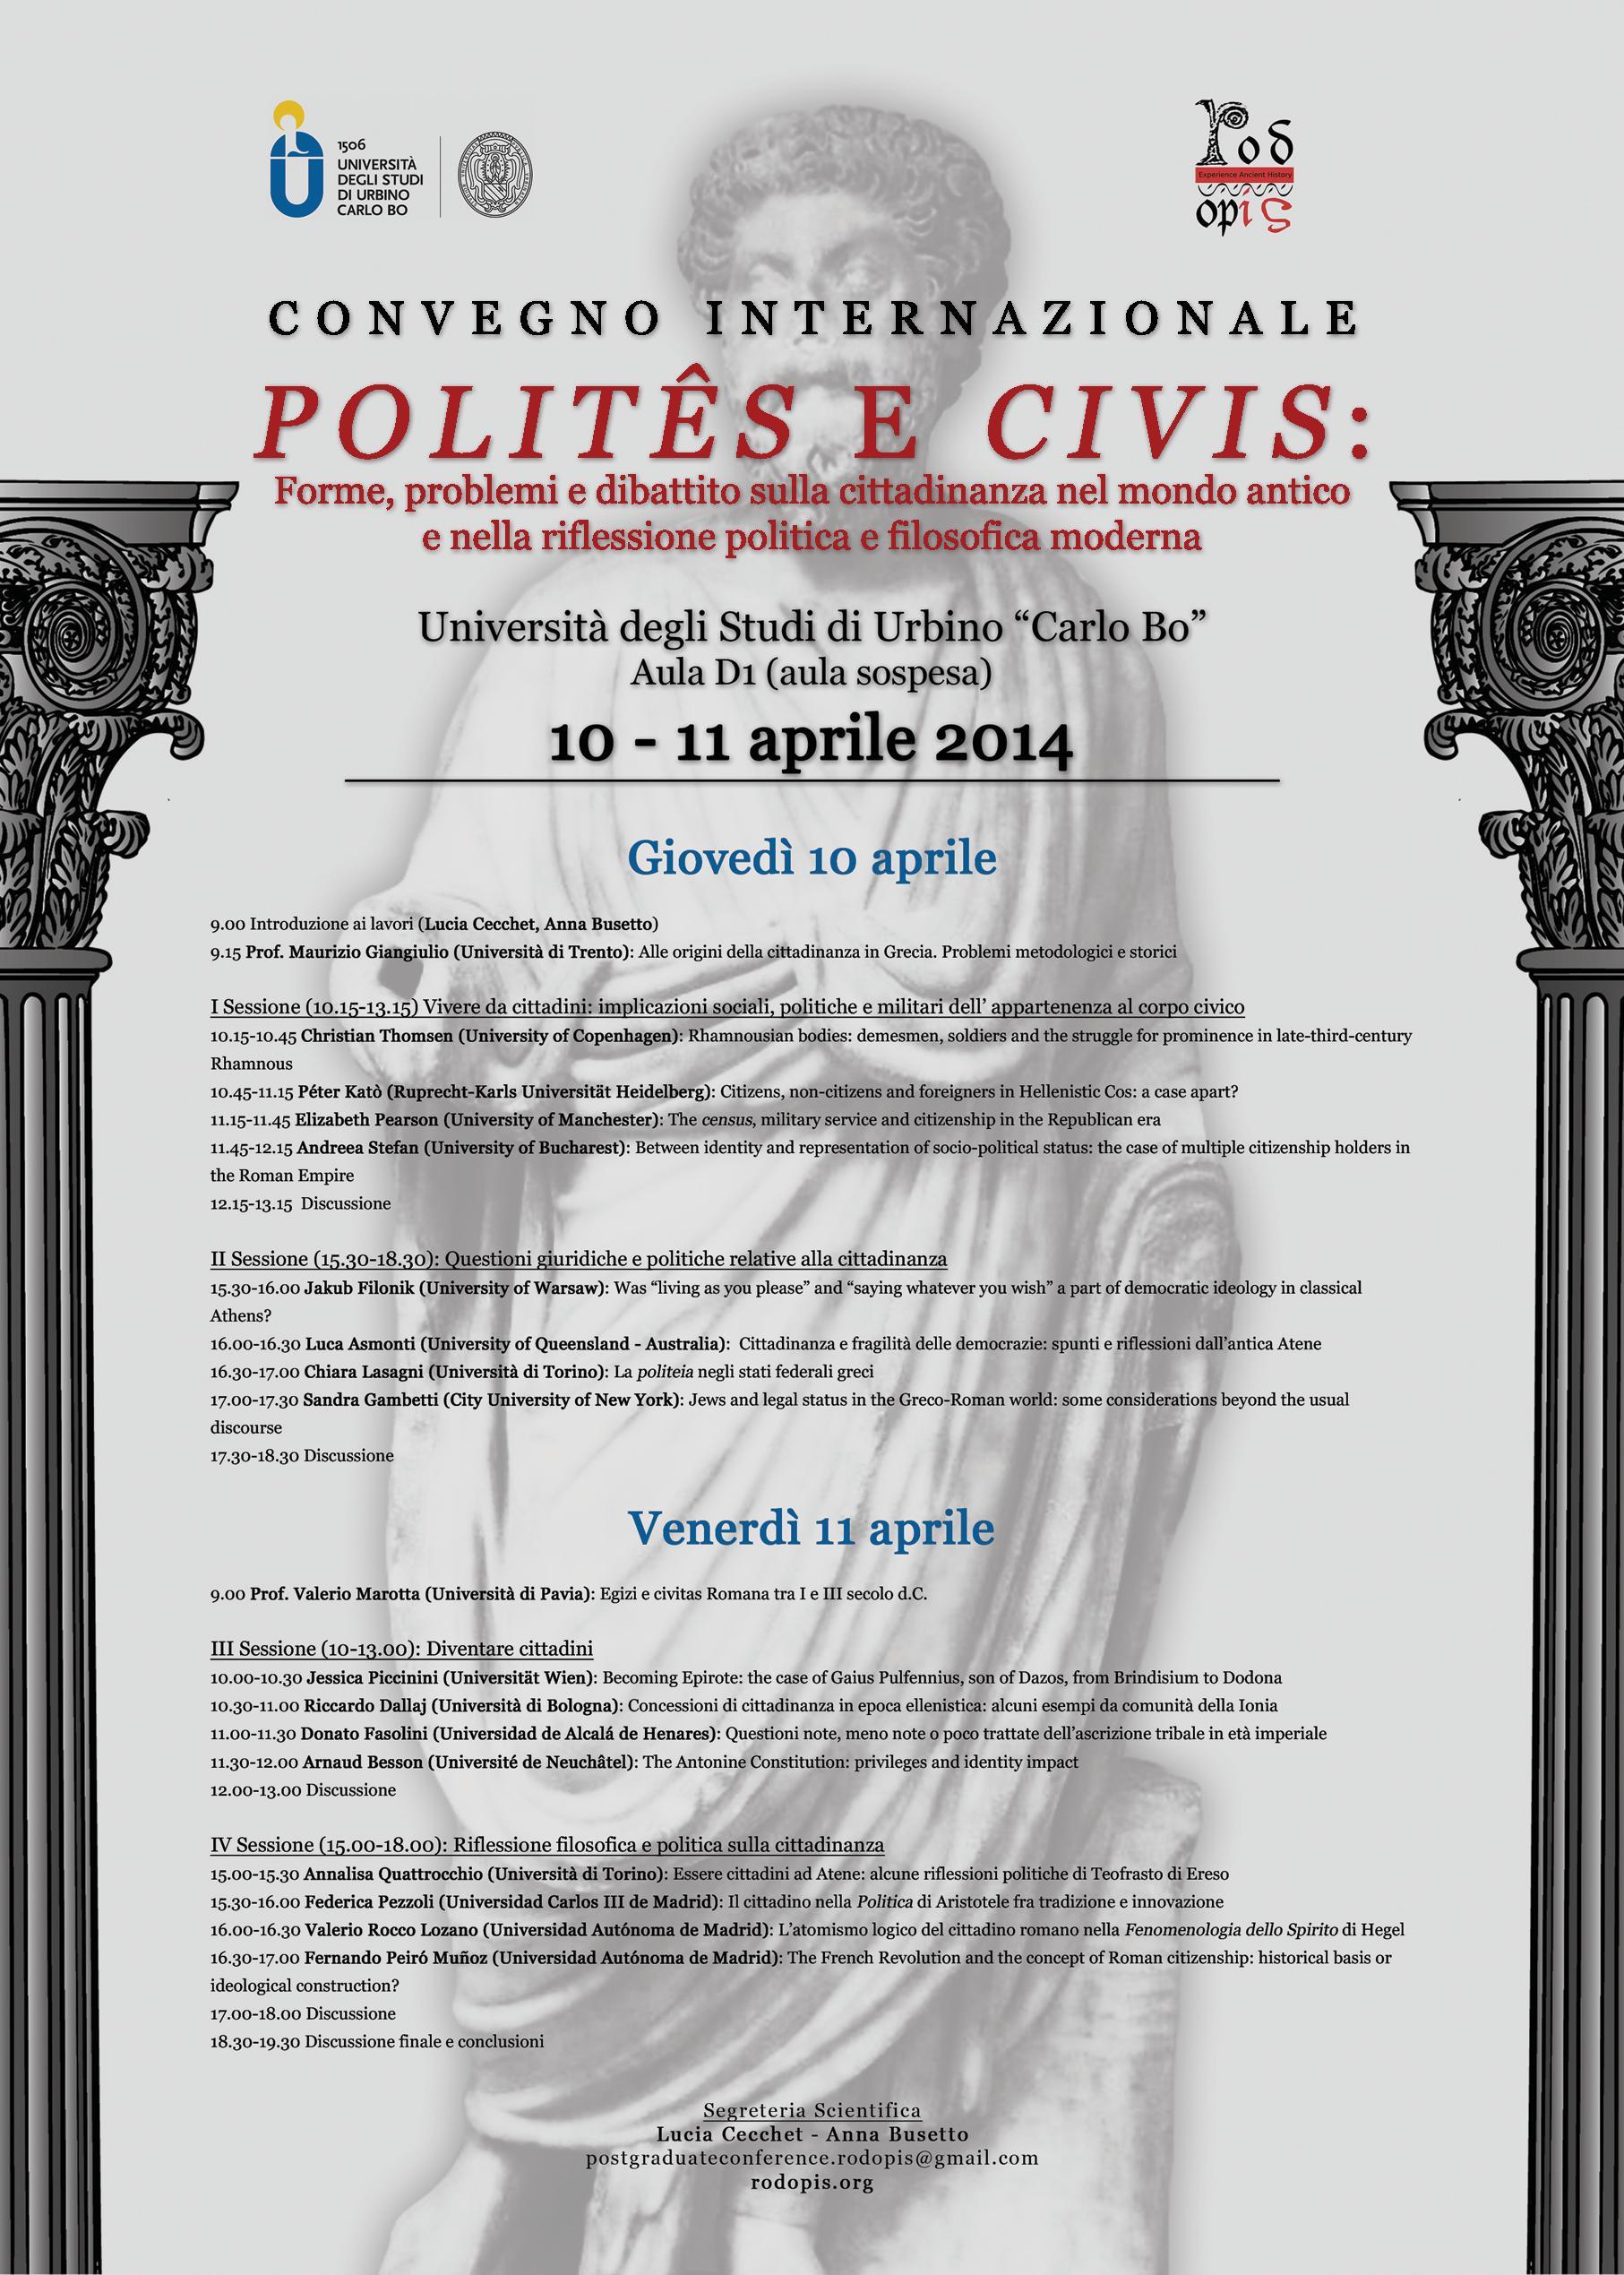 Polites e Civis